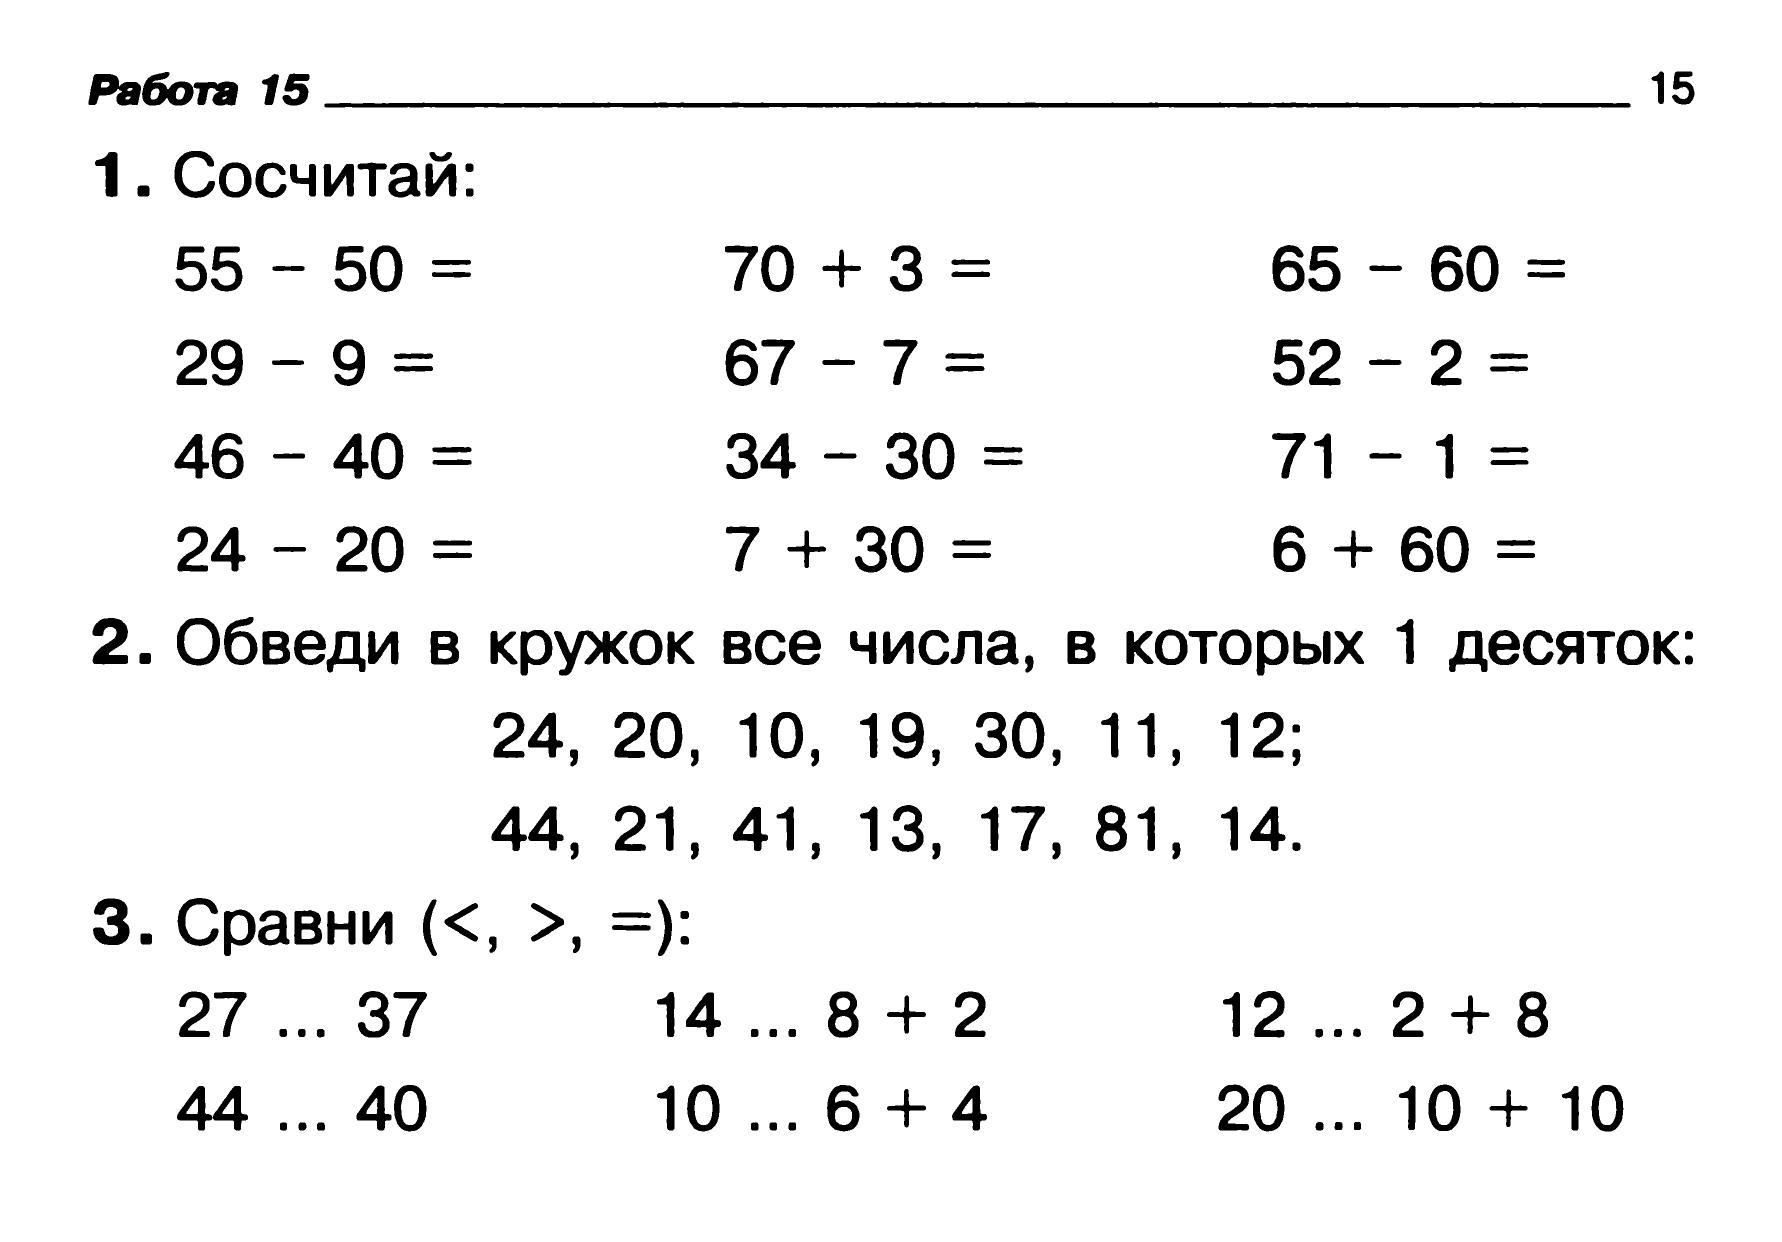 Примеры 1 класса по математике играть